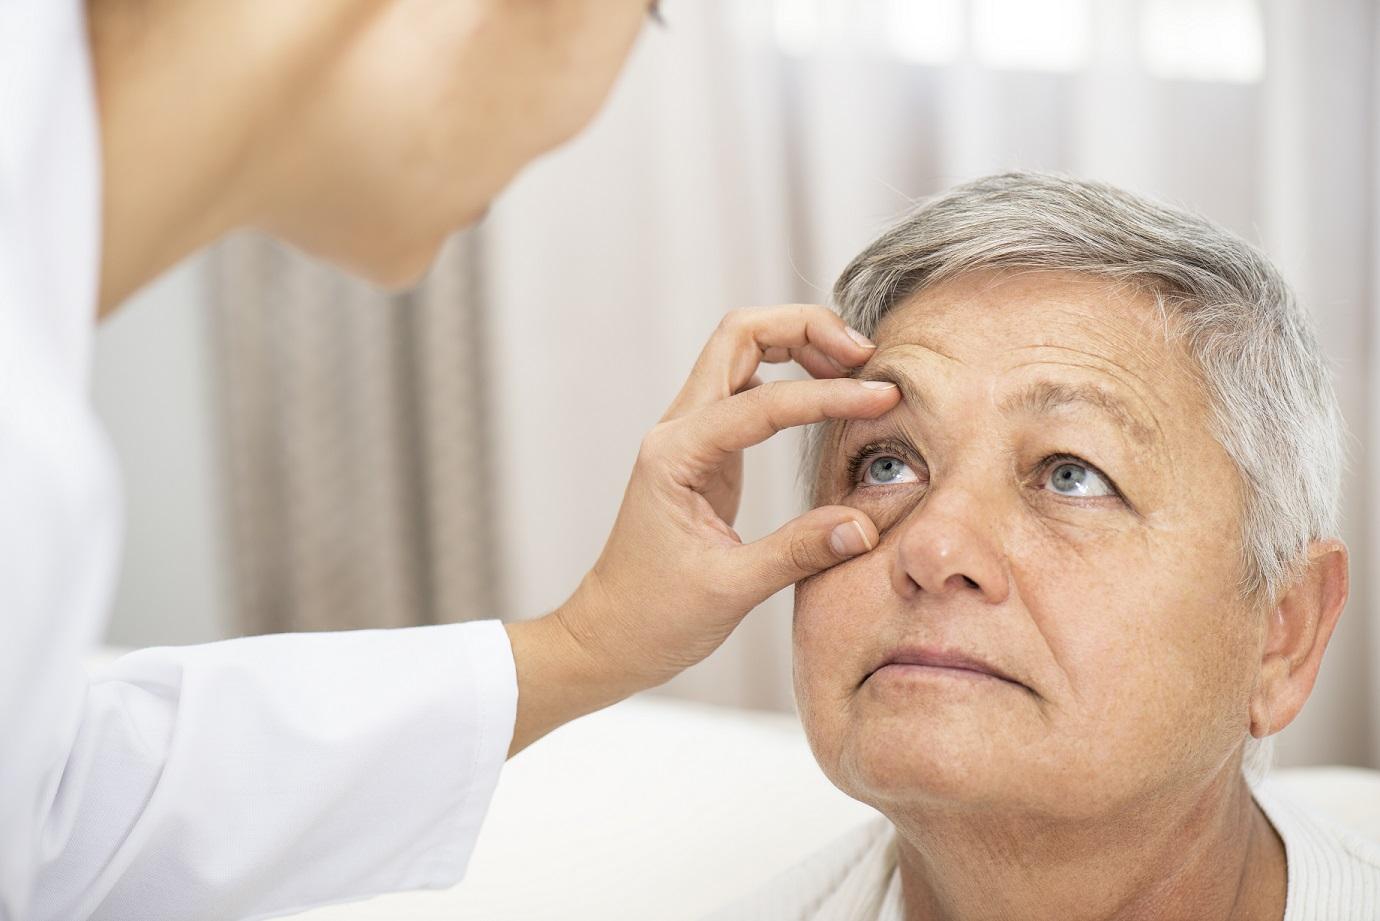 Doctor examining patient's eye.